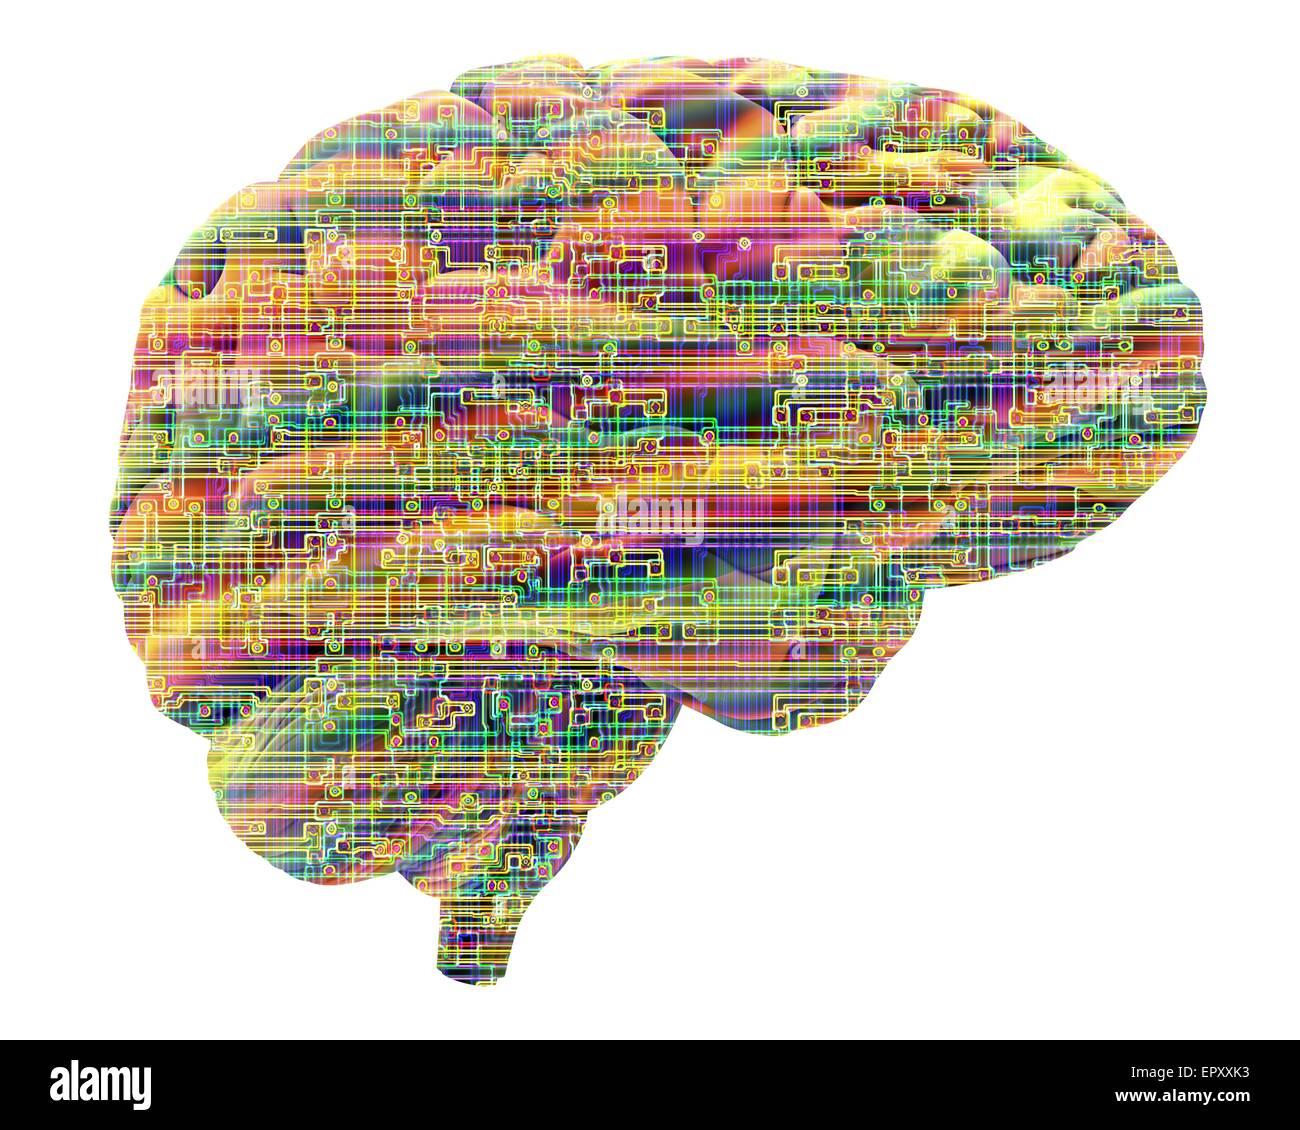 Künstliche Intelligenz und Kybernetik, Konzeptbild. Dieses Bild einer Computer-Chip-Struktur überlagert Stockbild